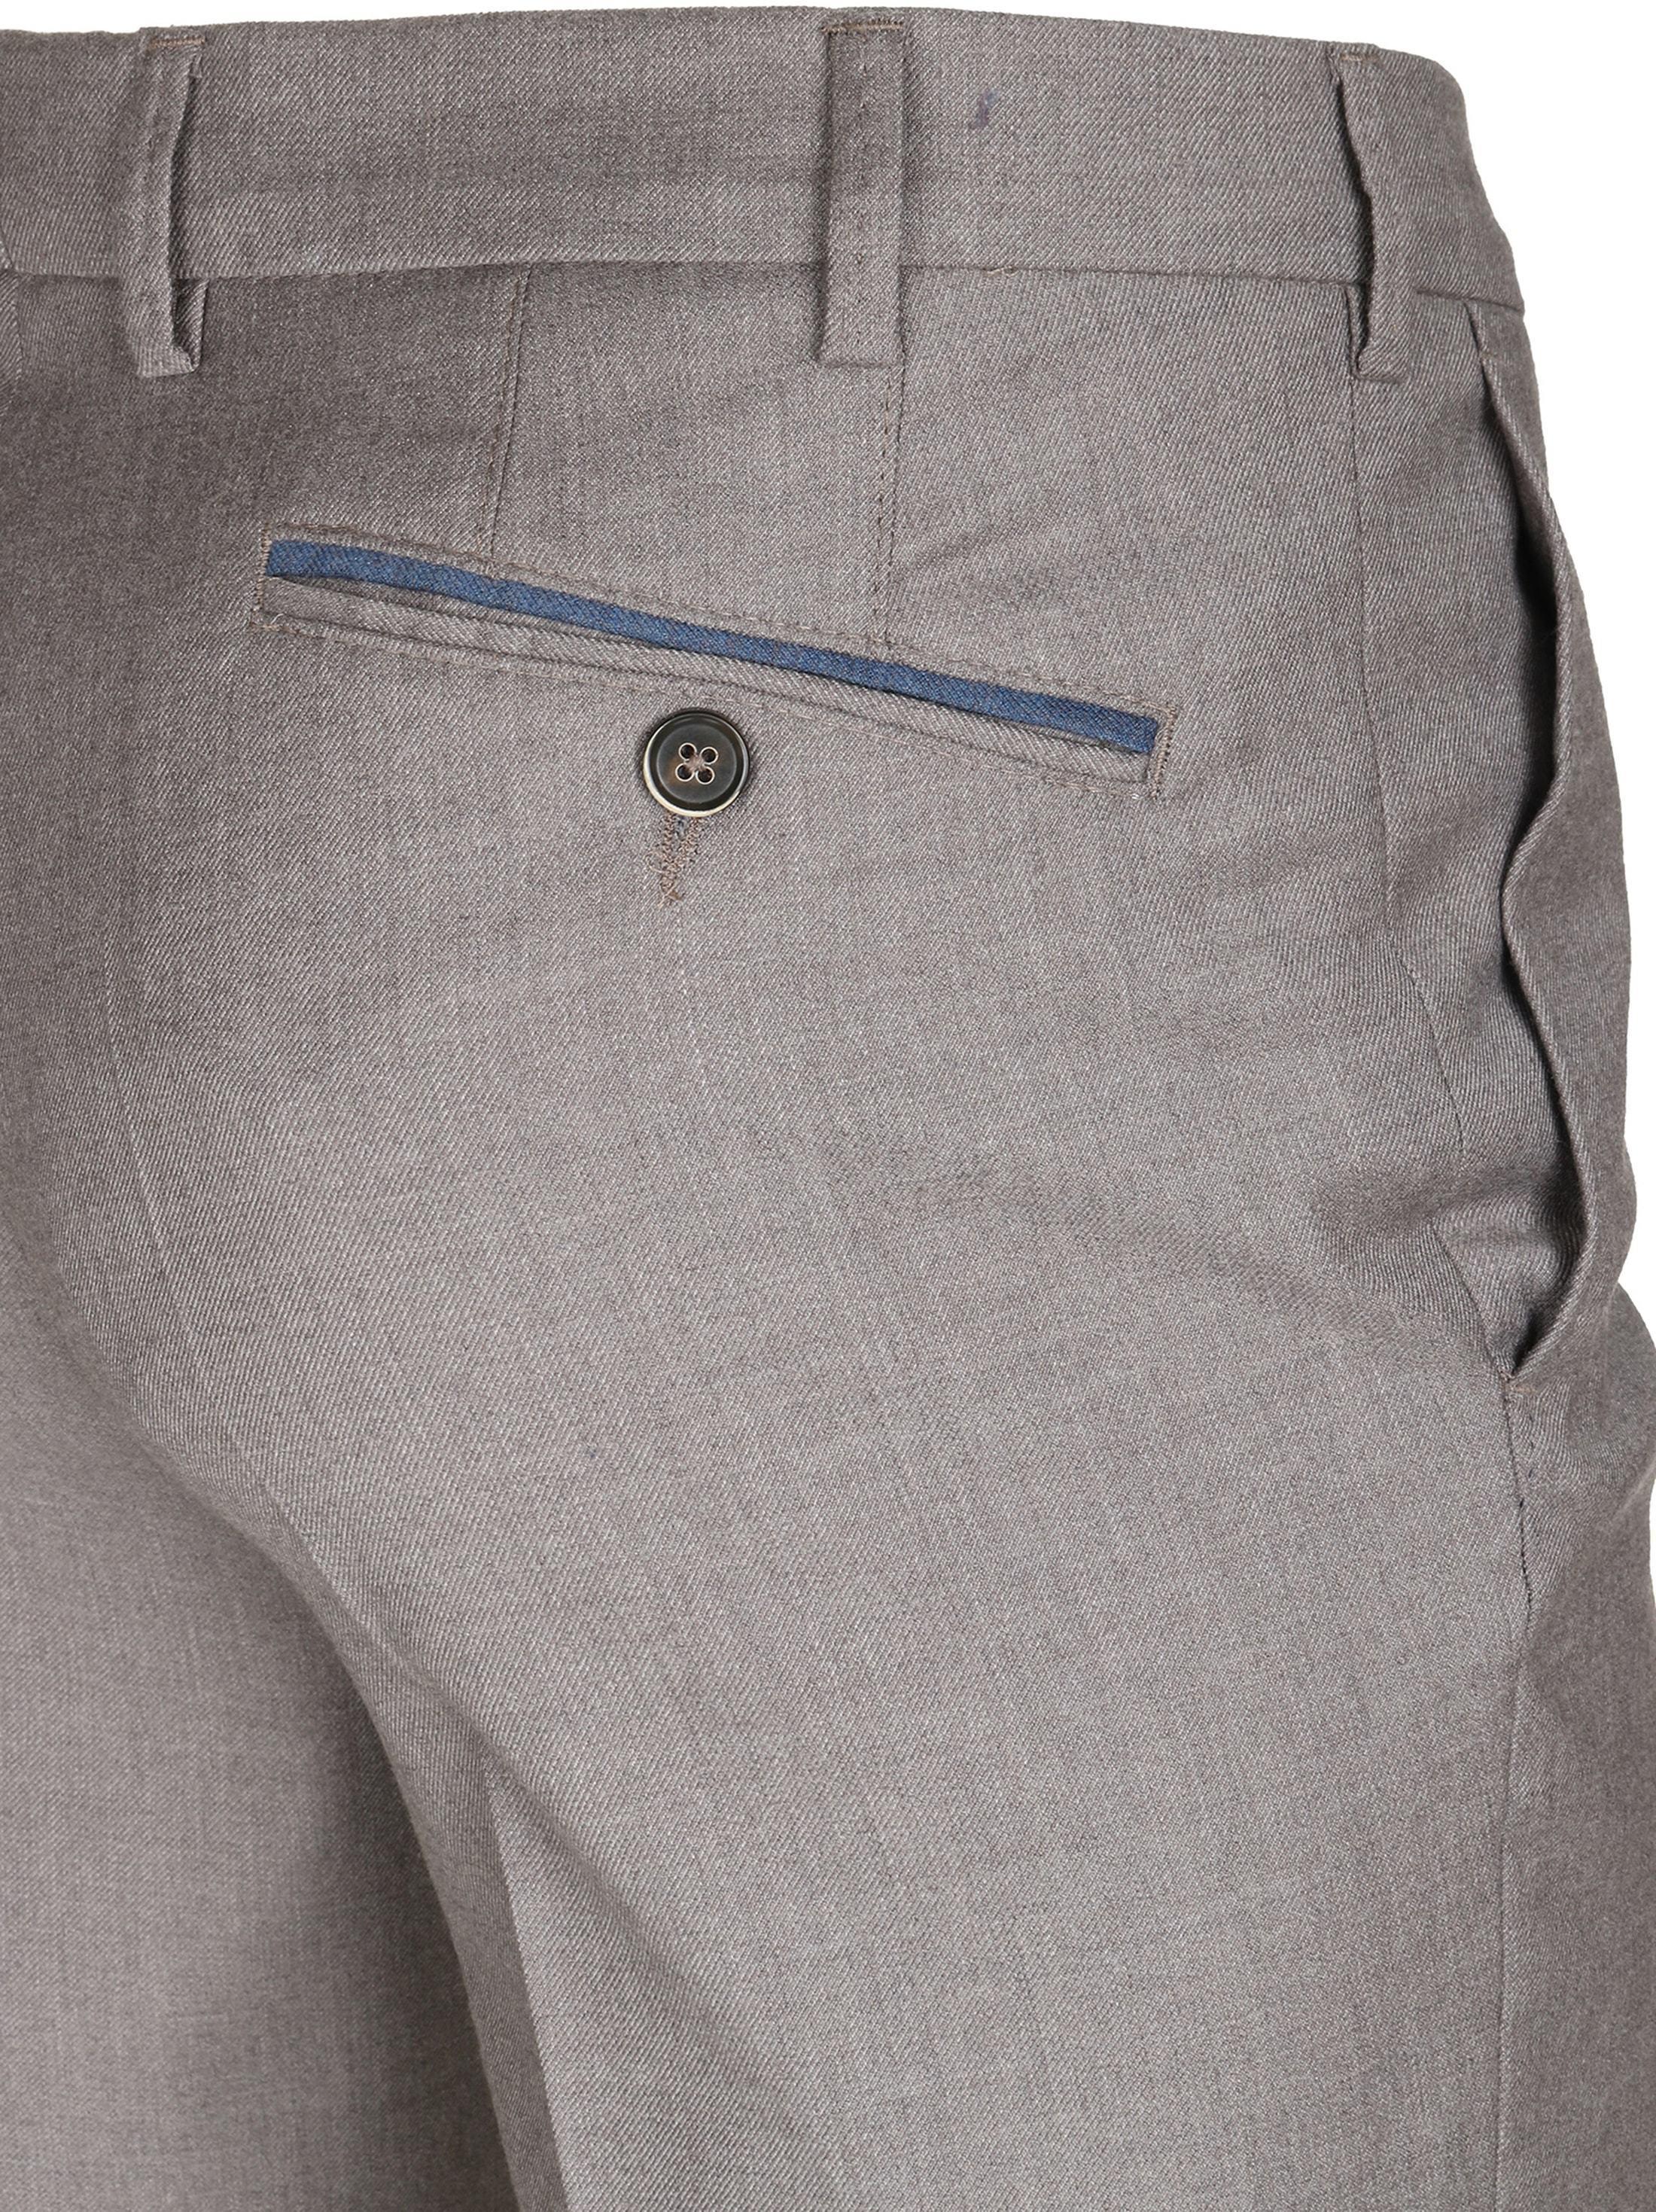 Suitable Premium Grau Milano foto 3